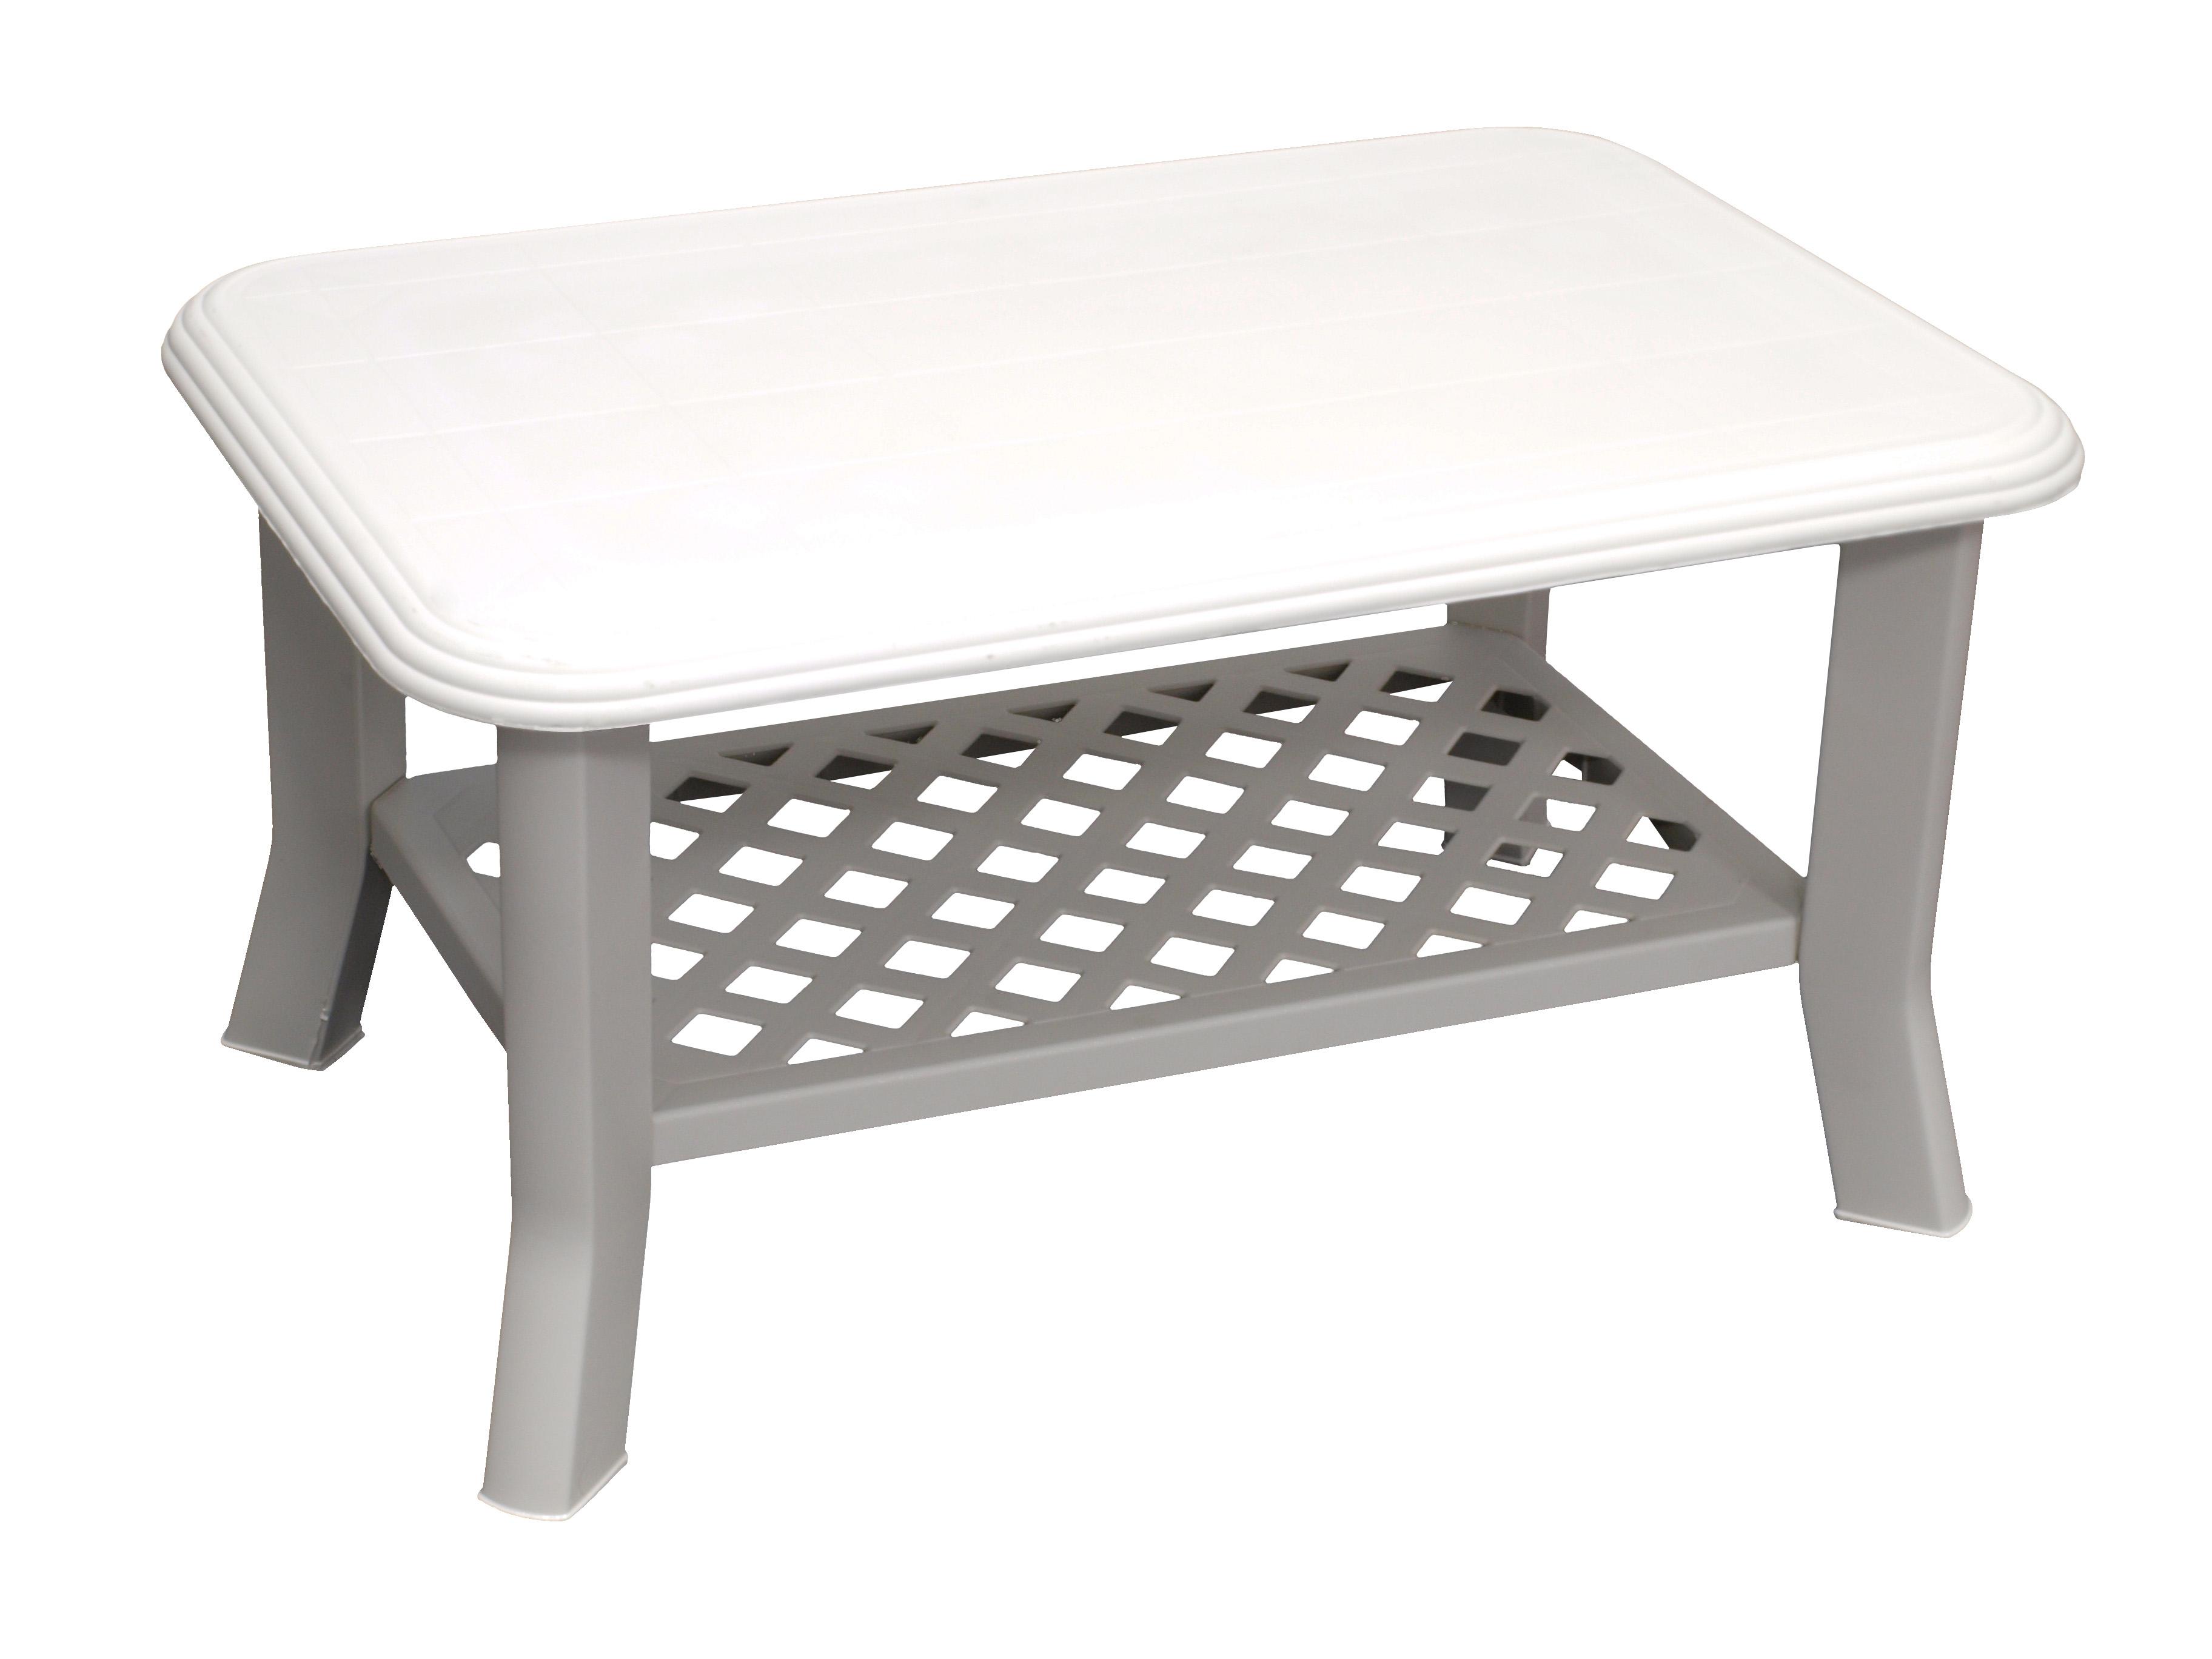 Loungetisch ALASSIO 90x60cm, Kunststoff weiss